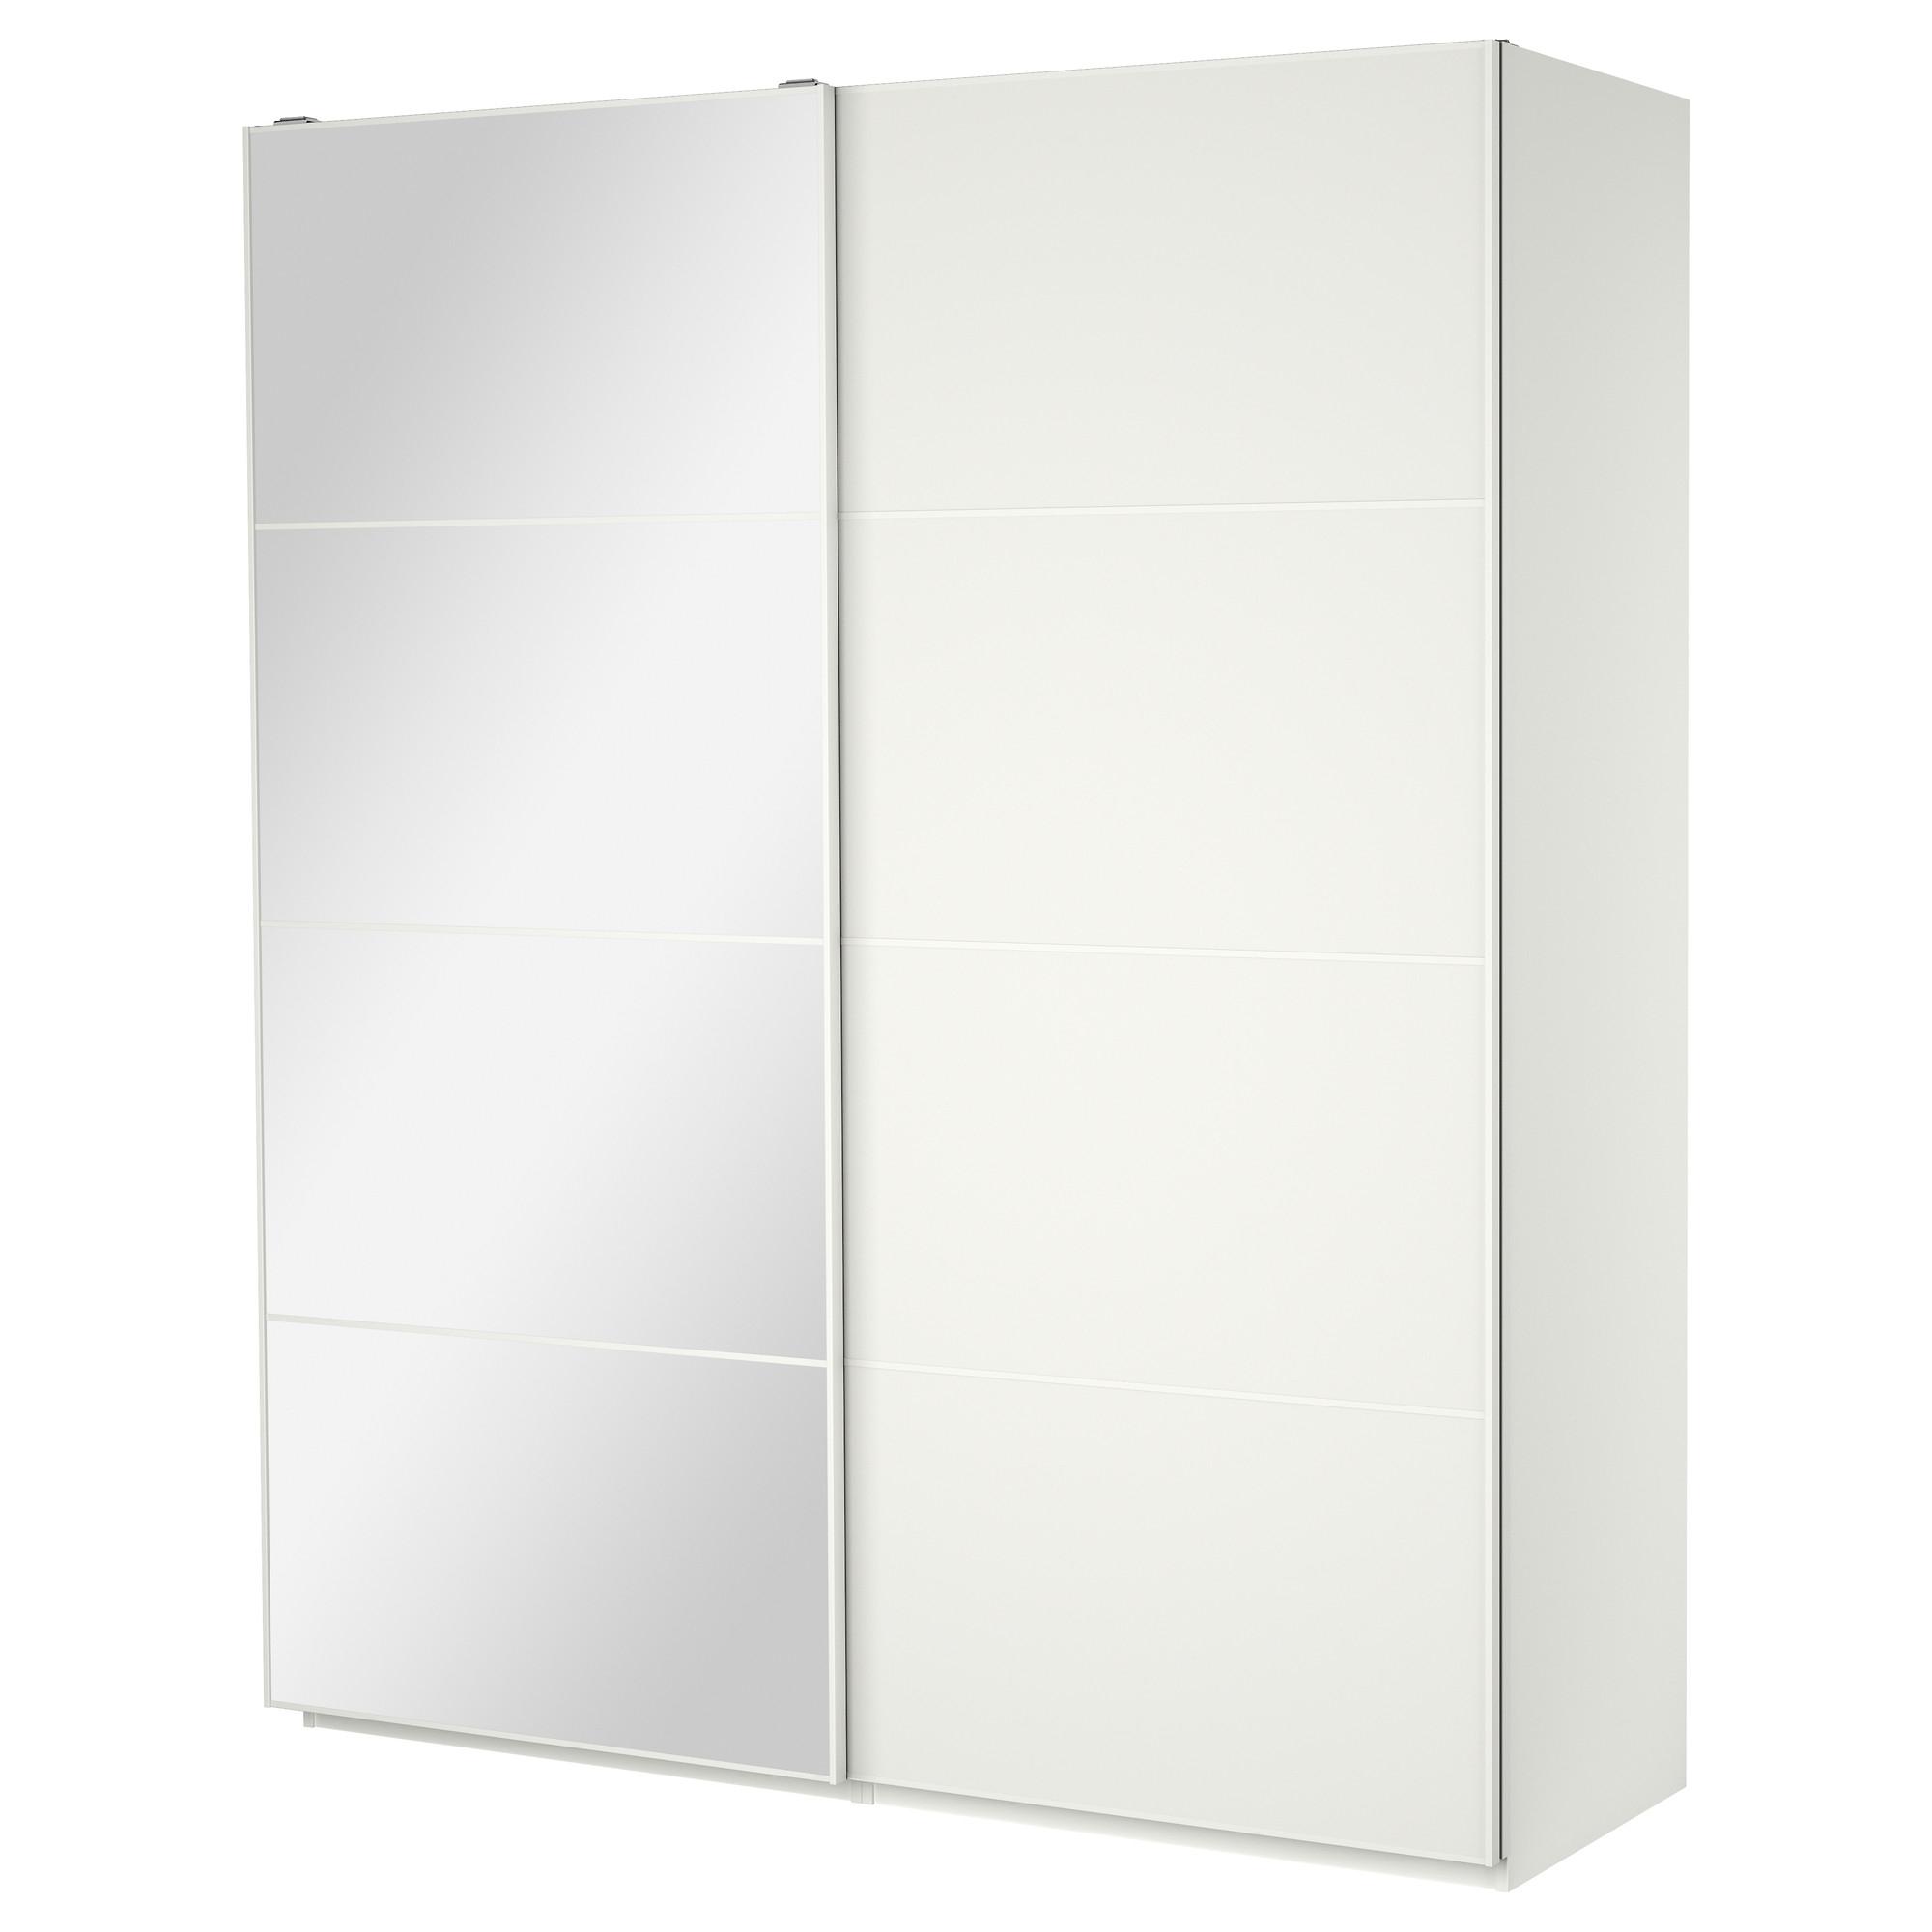 Adesivo Decorativo De Parede Cozinha ~ PAX armario con puertas correderas